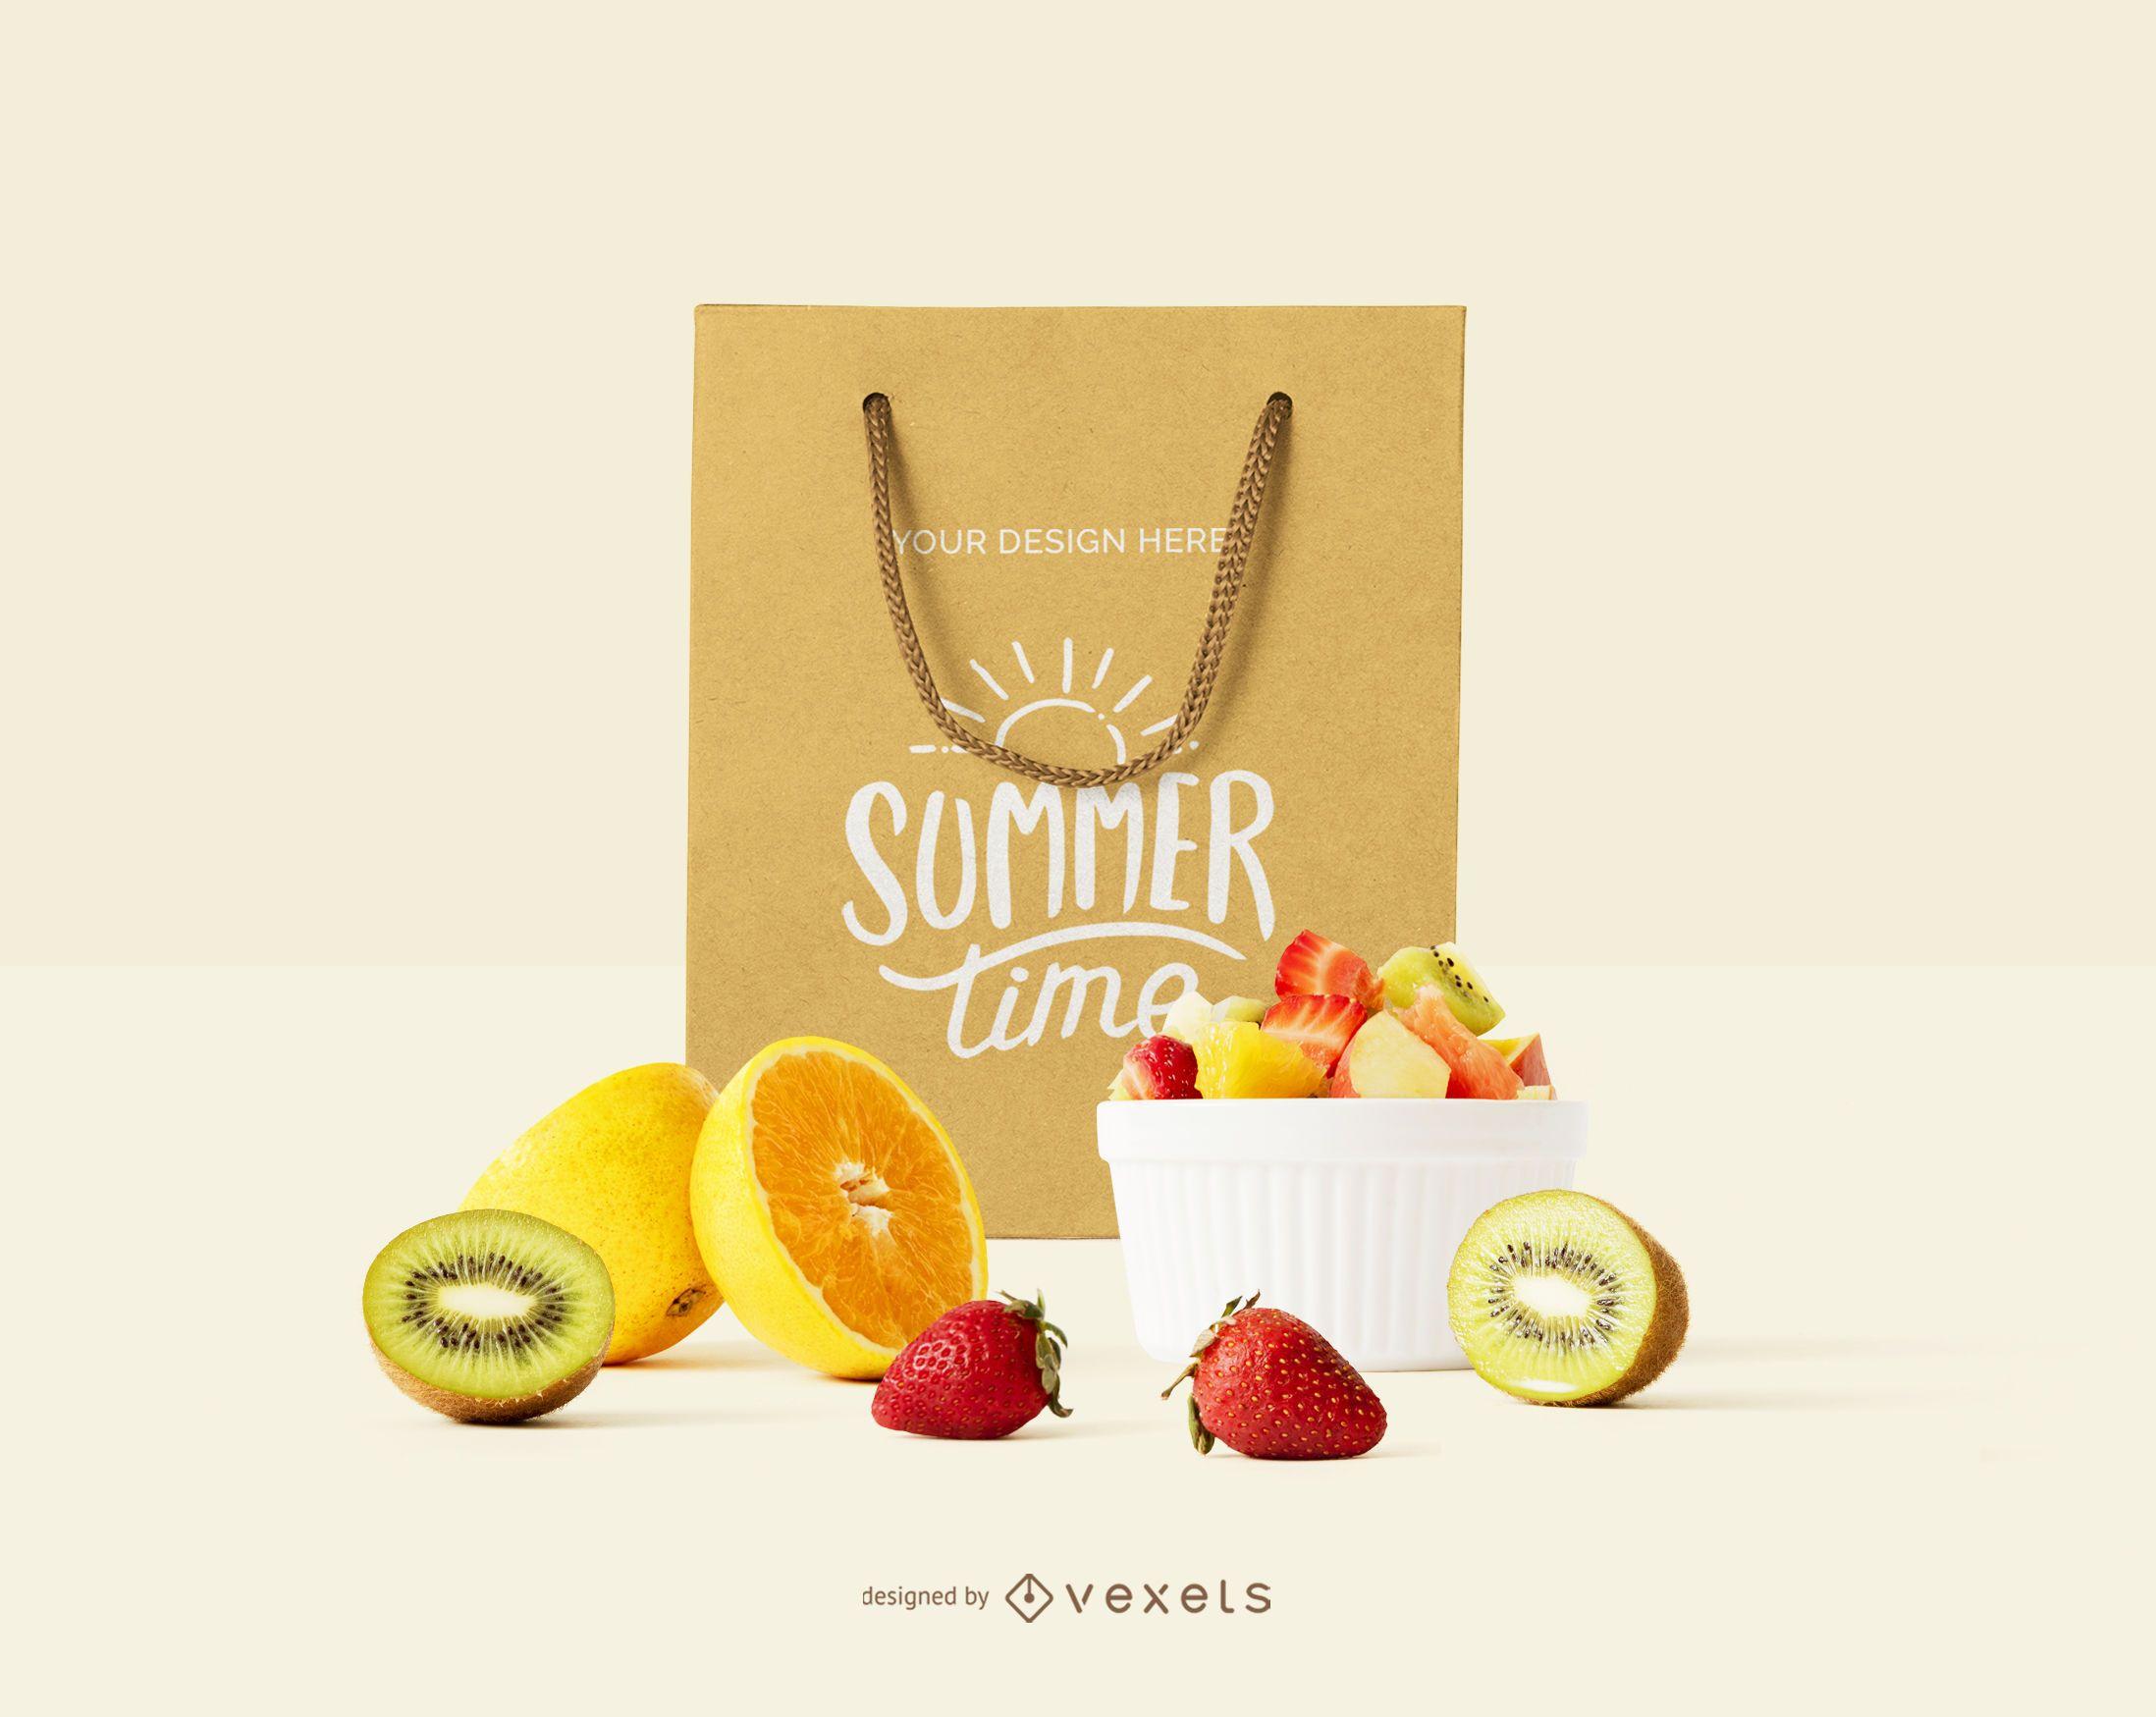 Shopping bag fruits mockup